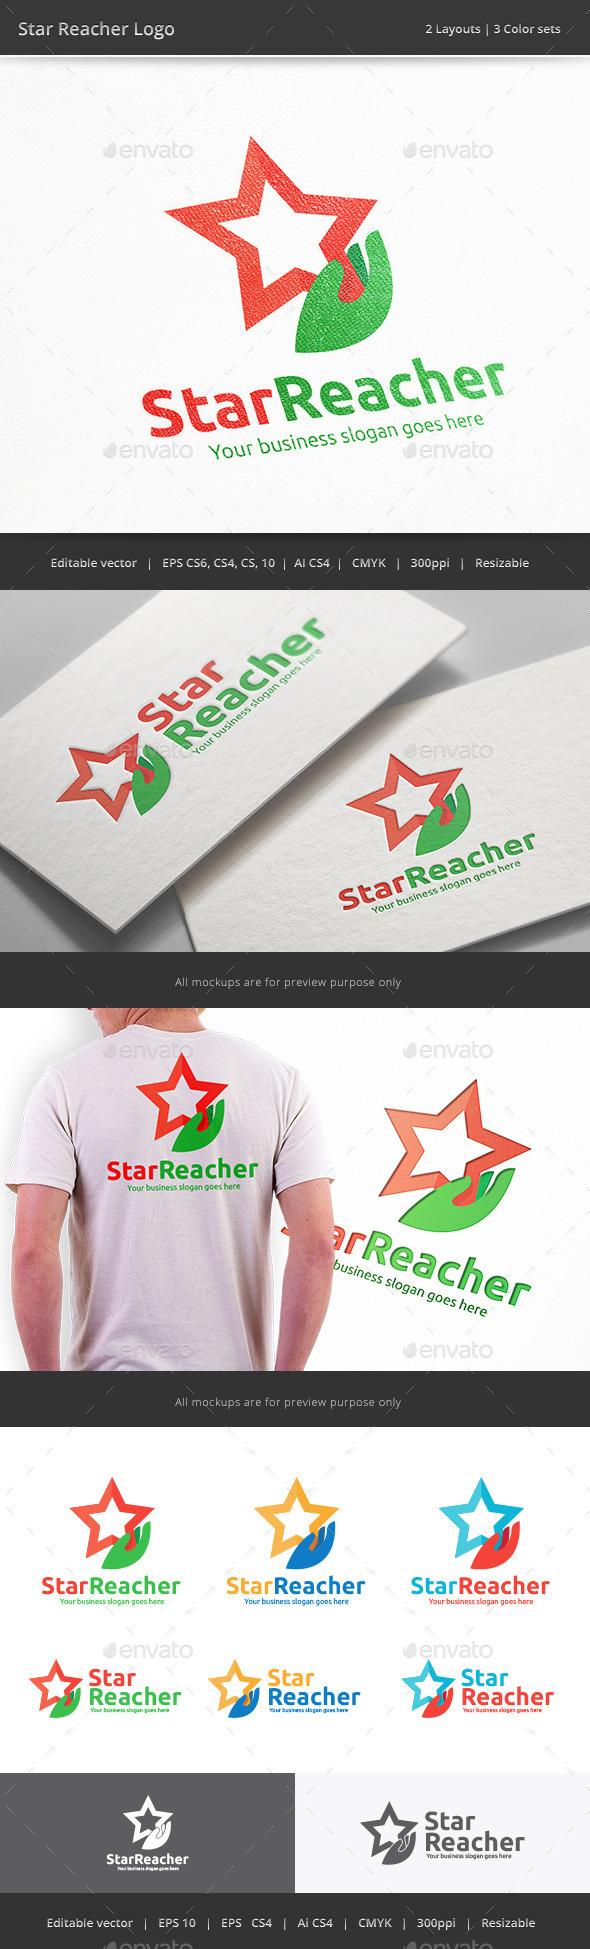 GraphicRiver Star Reacher Hand Logo 9945805